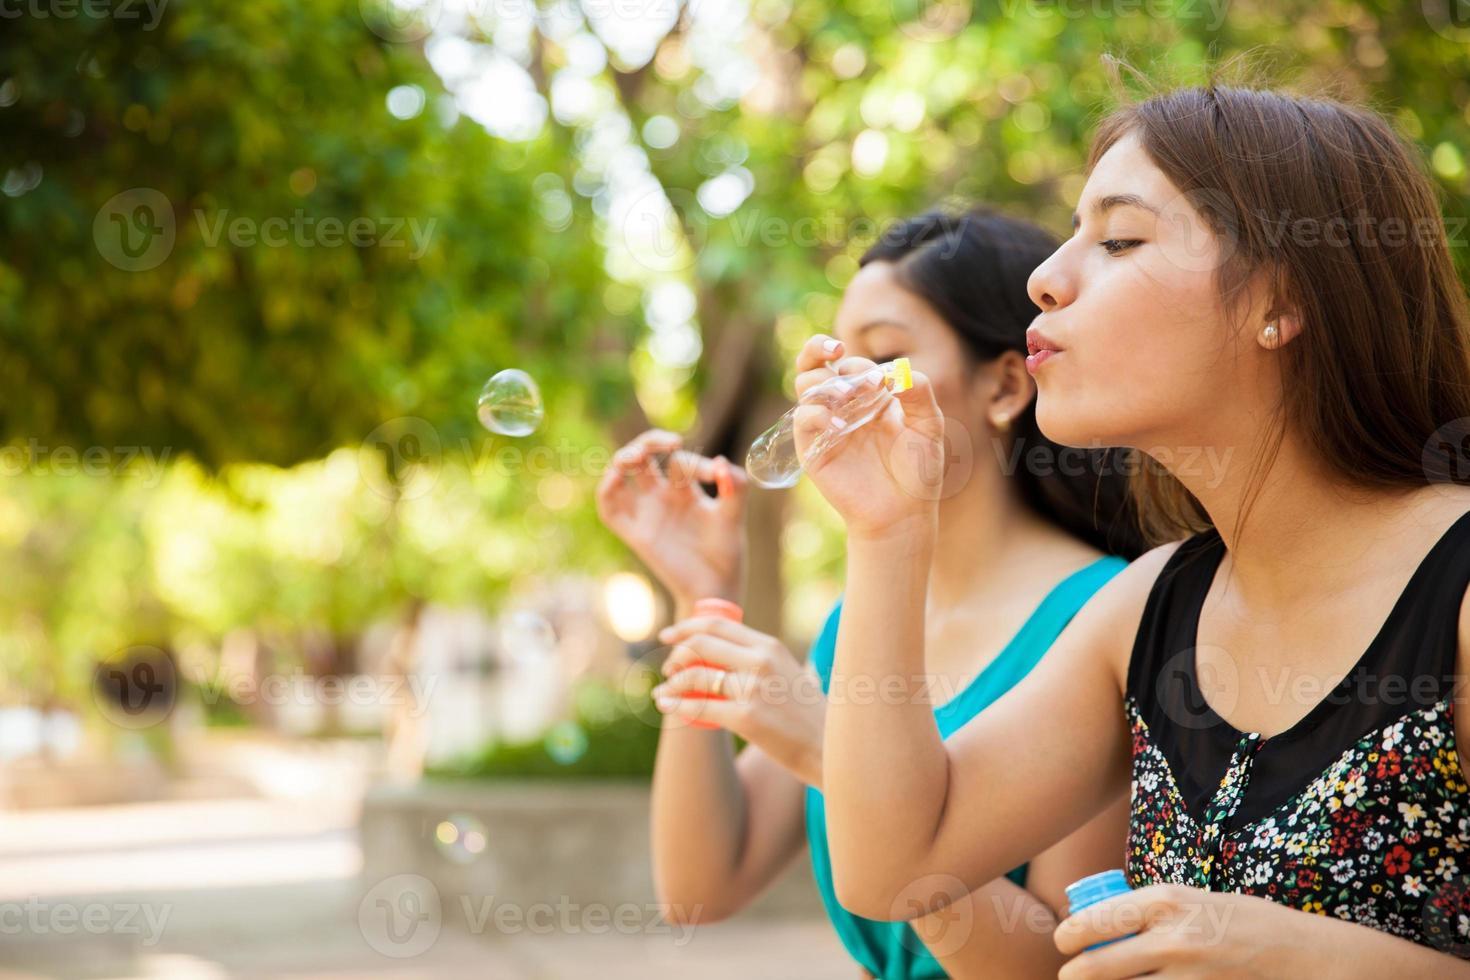 soffiando bolle in un parco foto